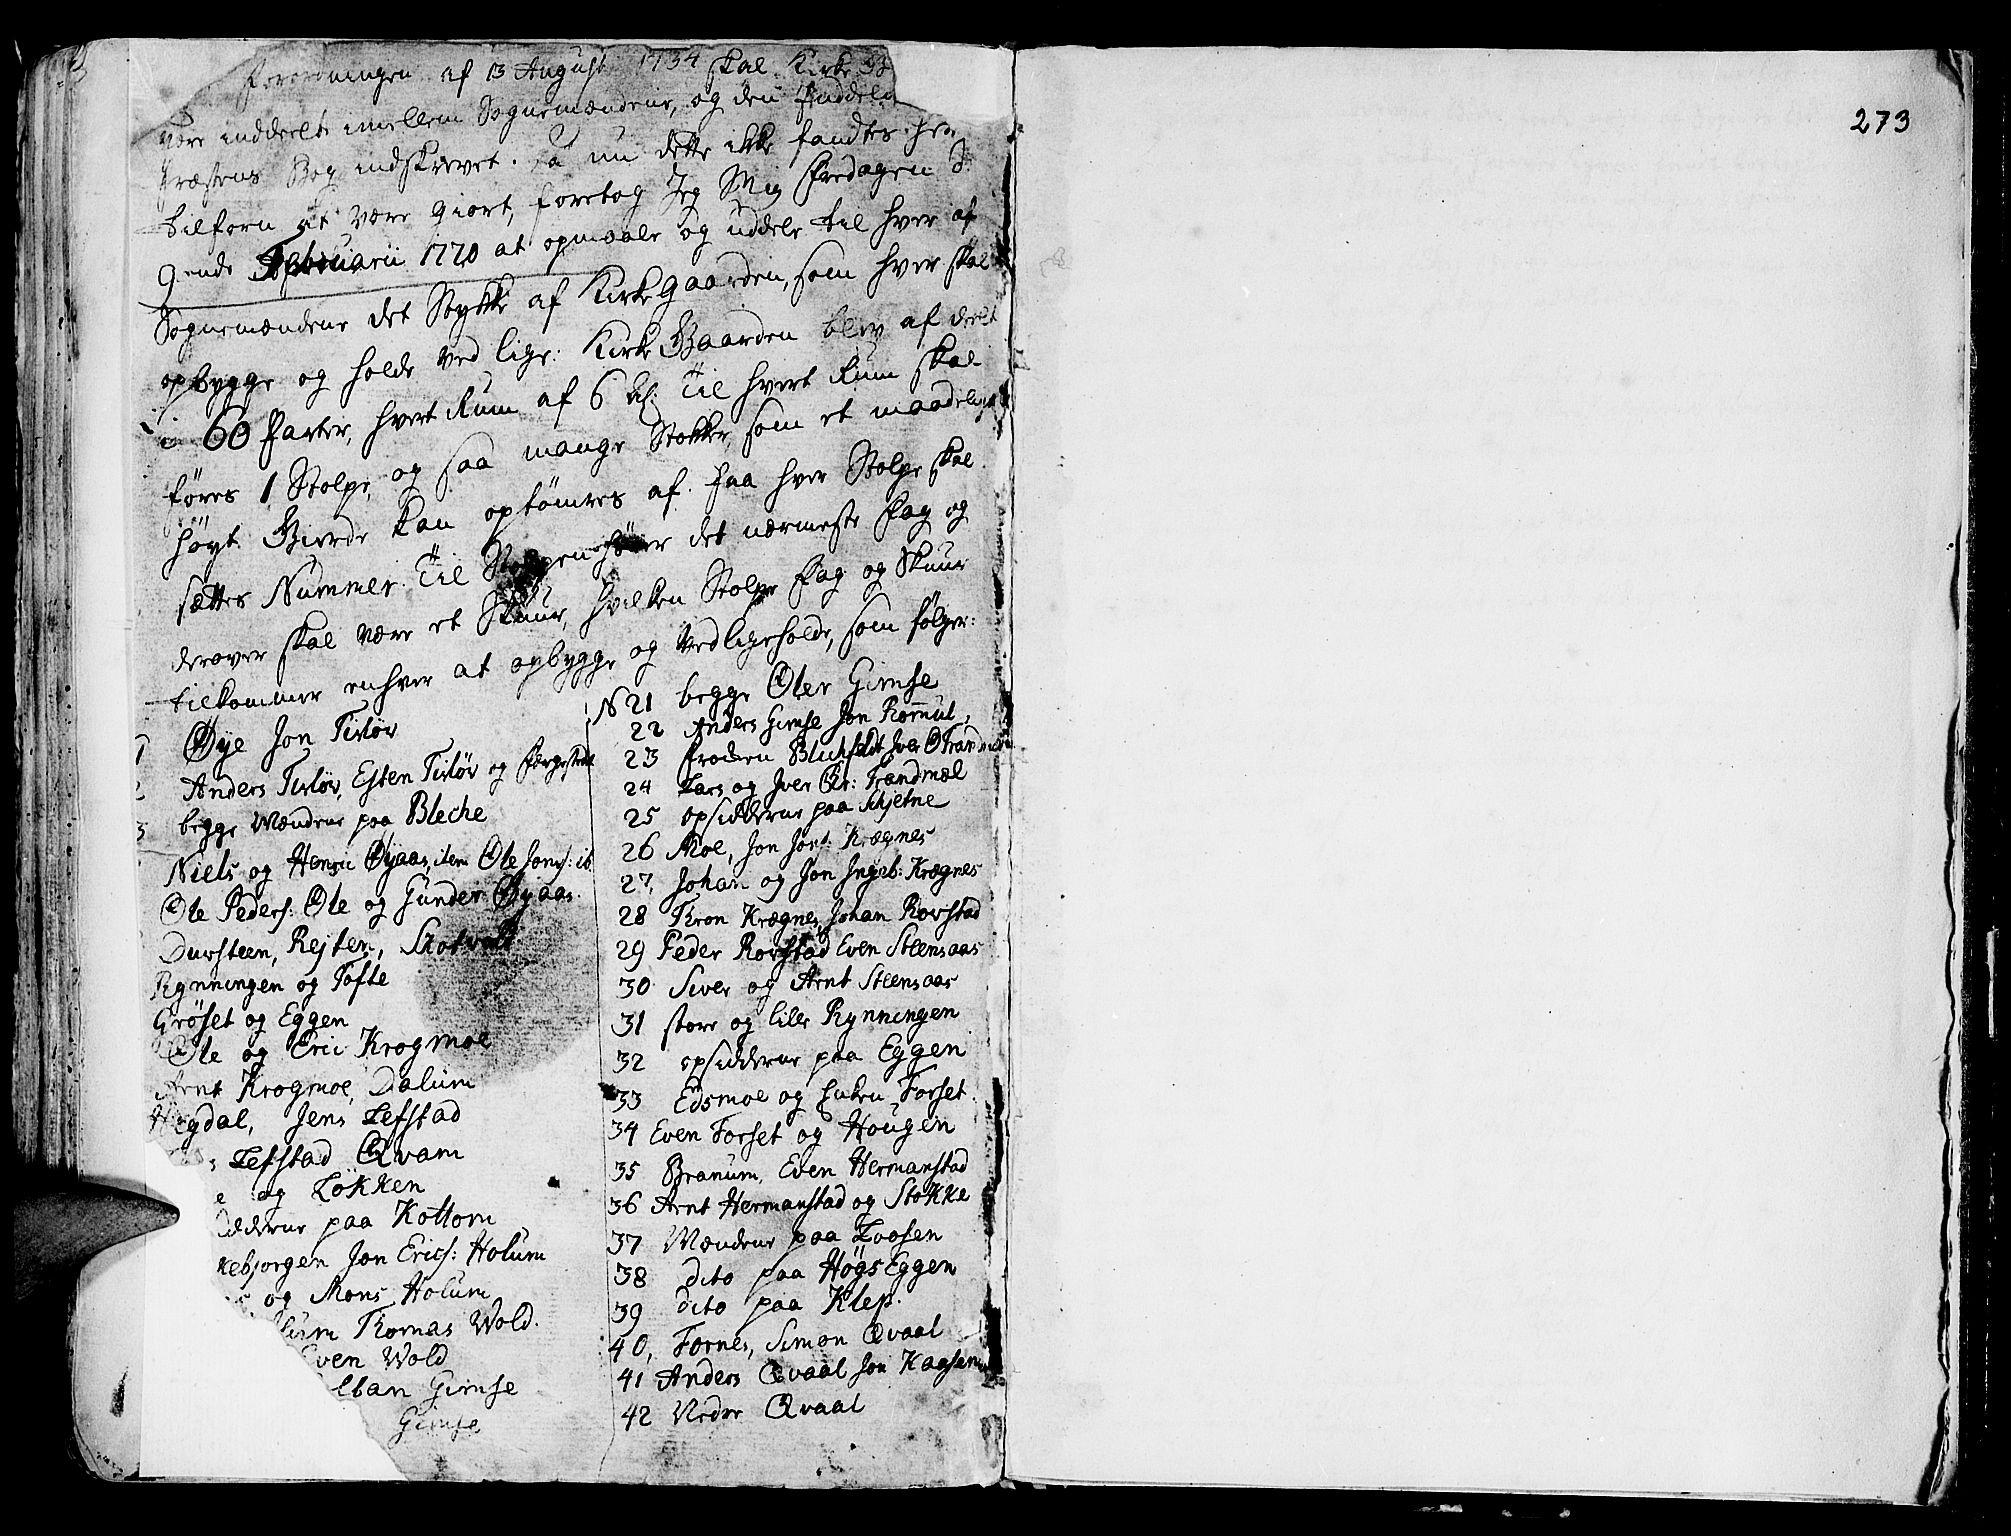 SAT, Ministerialprotokoller, klokkerbøker og fødselsregistre - Sør-Trøndelag, 691/L1061: Ministerialbok nr. 691A02 /1, 1768-1815, s. 273